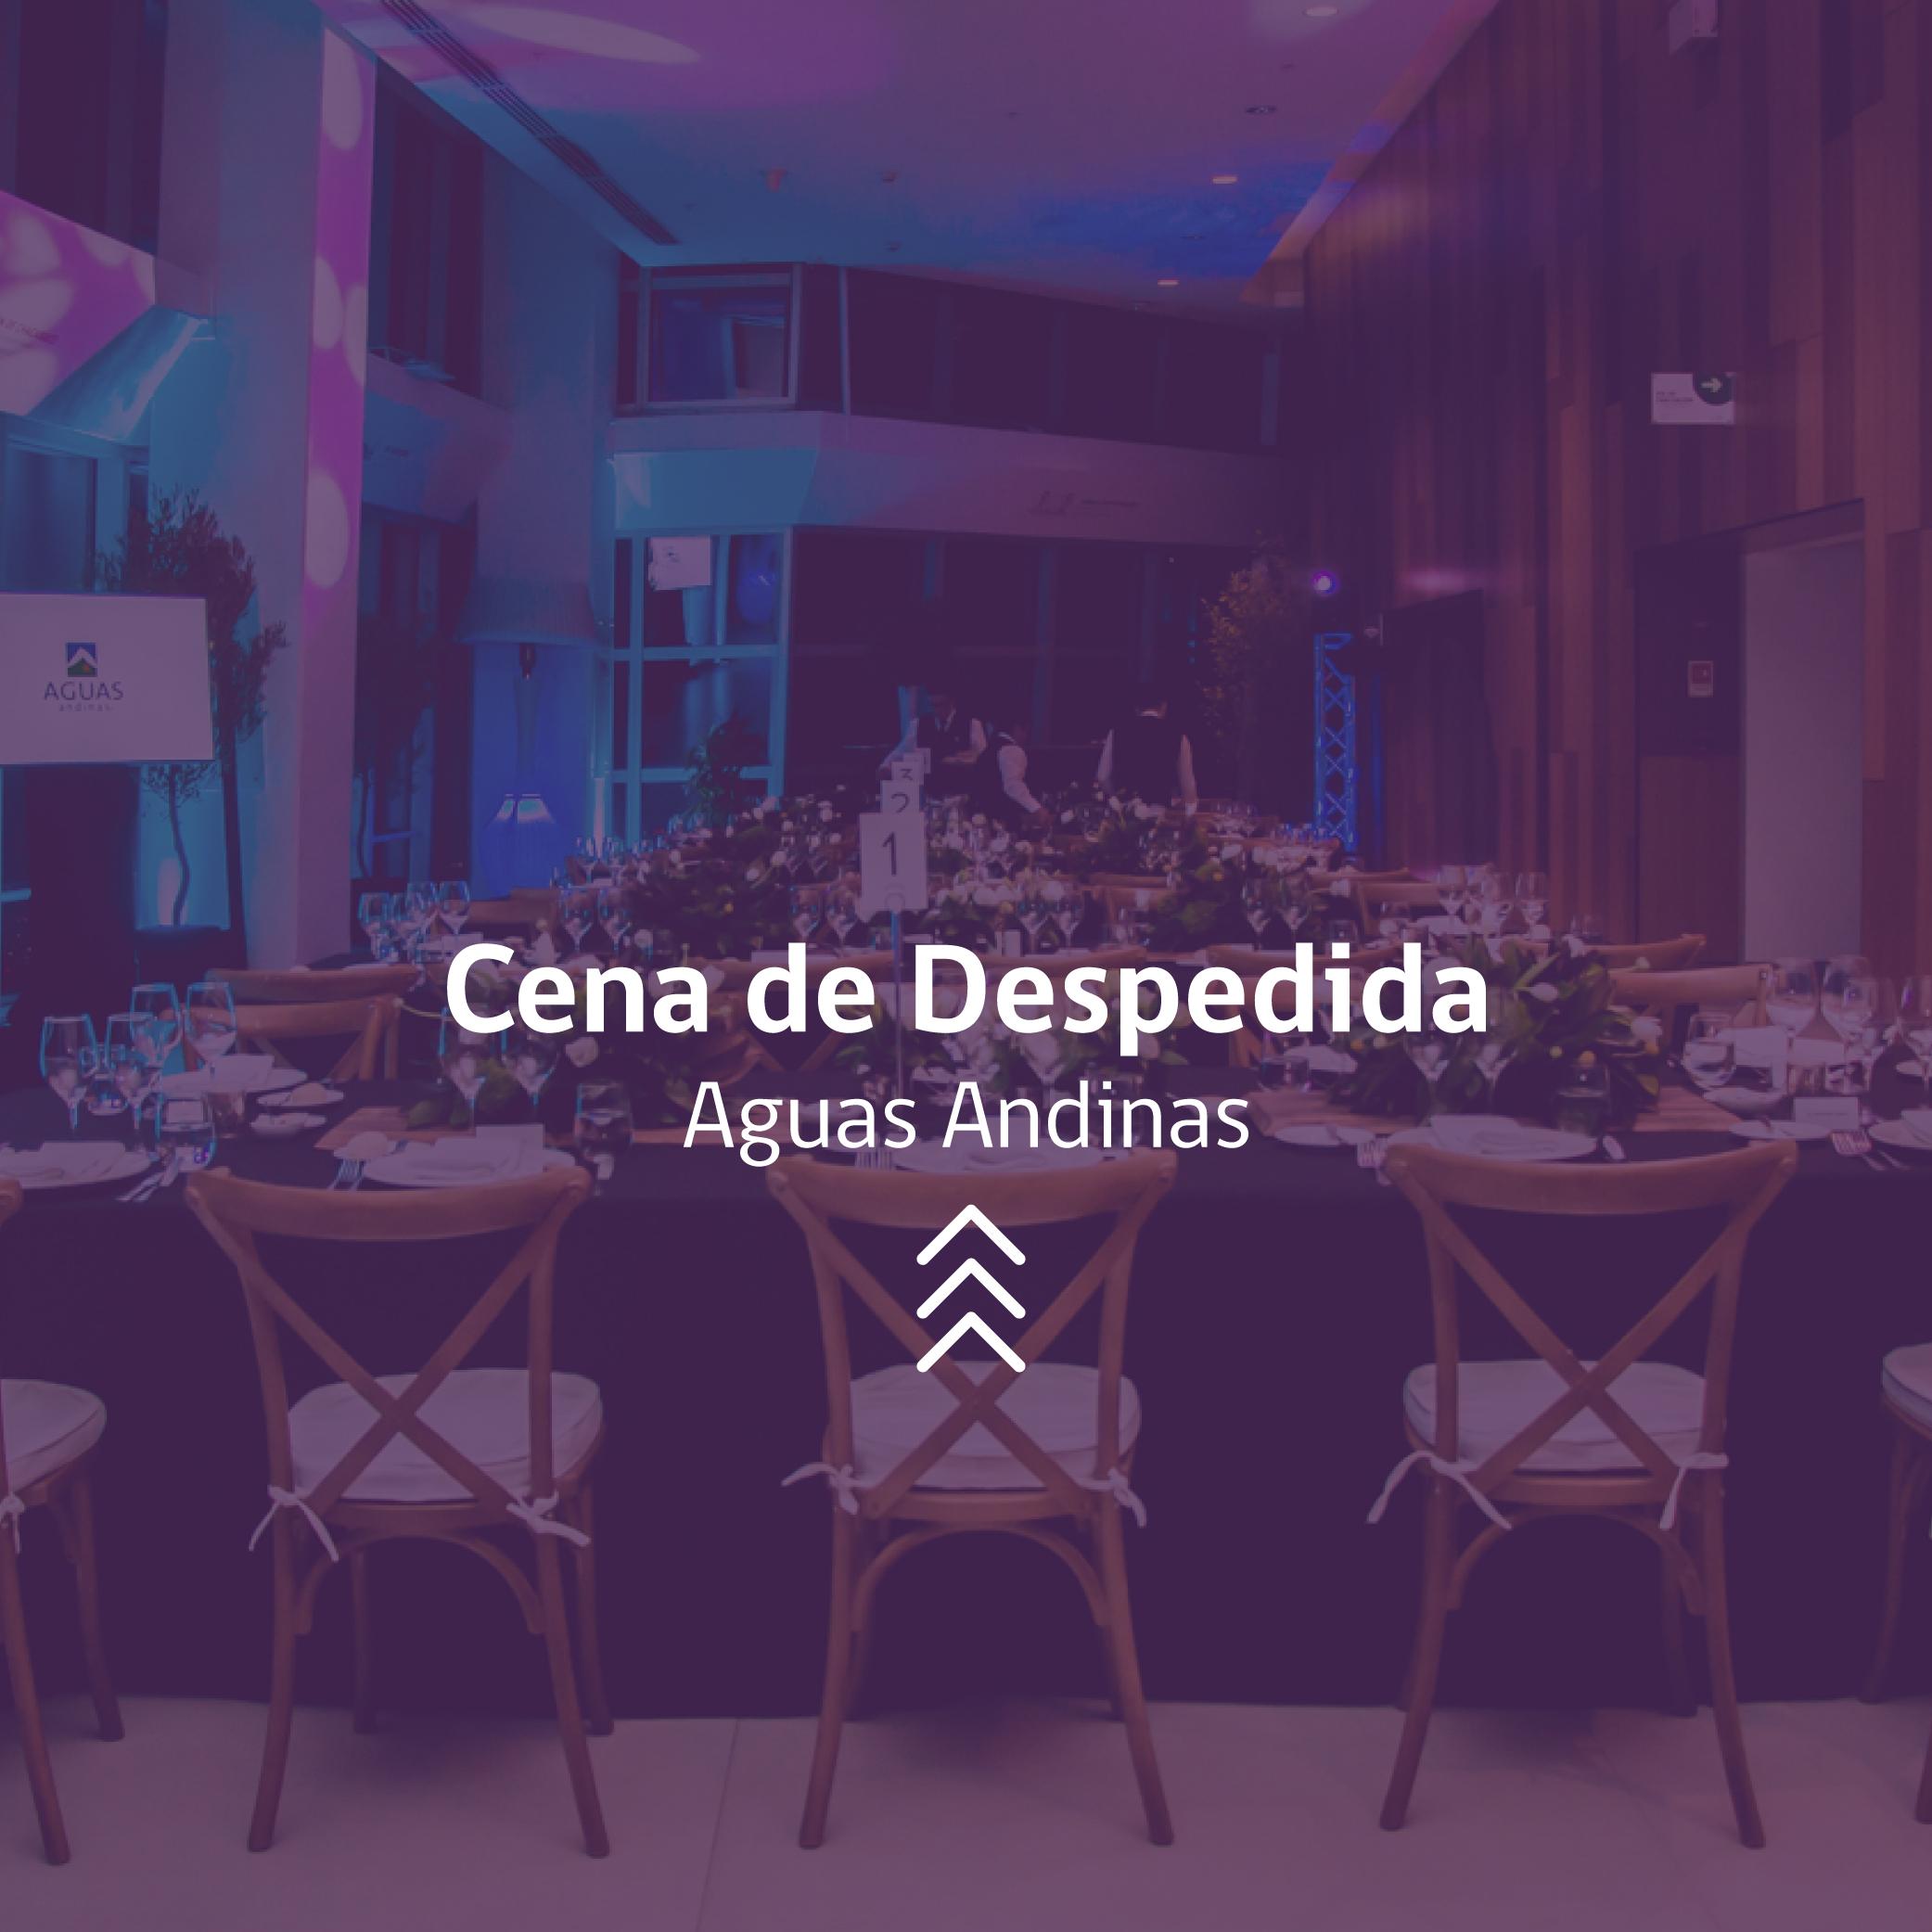 Cena de Despedida Aguas Andinas Chile Evento Costanera Center